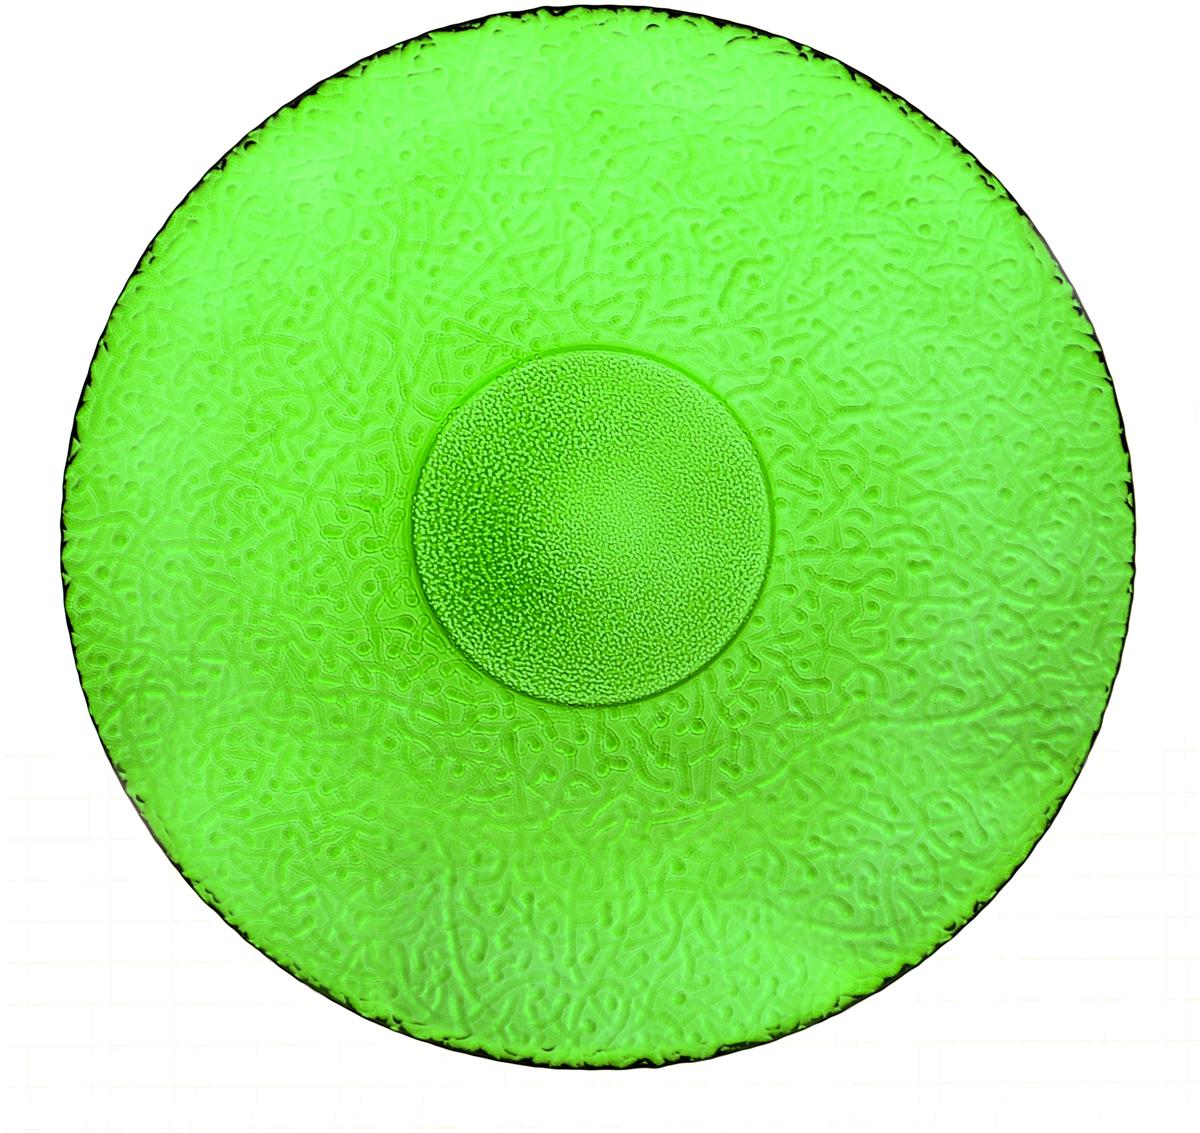 Тарелка Nina Glass Ажур, цвет: зеленый, диаметр 26 смNG83-071GСтеклянная посуда Никольского завода светотехнического стекла, известная под торговой маркой NinaGlass, успешно продается в российских магазинах. Продукция выглядит презентабельно, ассортимент весьма широк. Яркие, емкие, приятные тактильно салатники будут шикарно смотреться на обеденном столе. Салатники и блюда предназначены для сервировки стола. Пригодны для ежедневного использования.Цветные салатники и тарелки NinaGlass нельзя использовать в СВЧ и мыть в ПММ.